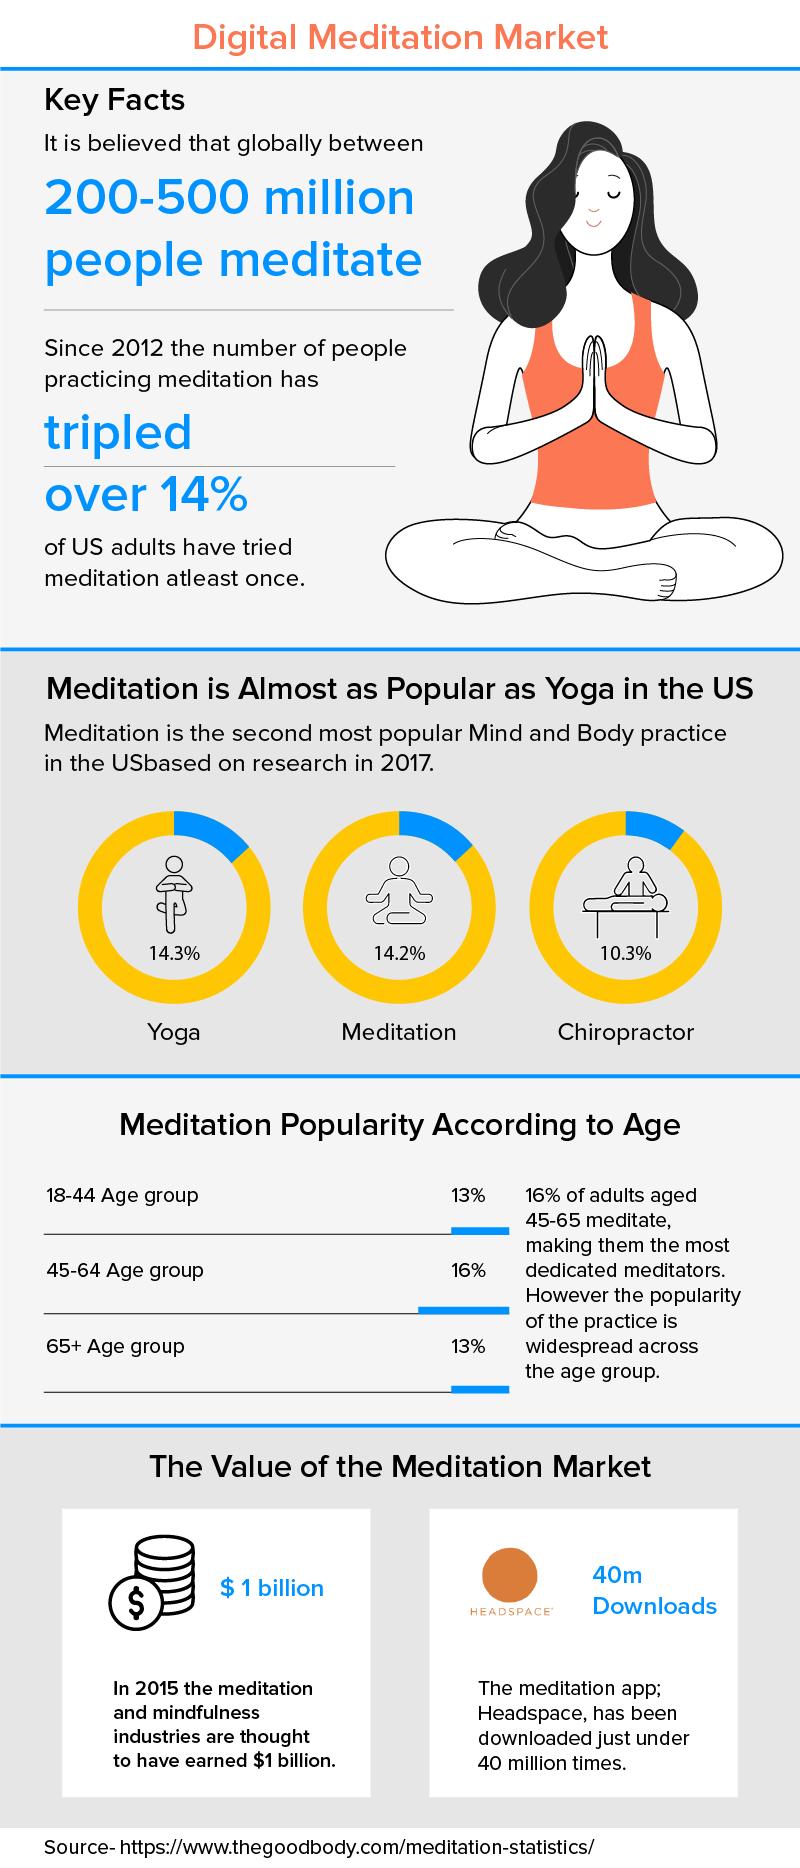 Digital Meditation Market